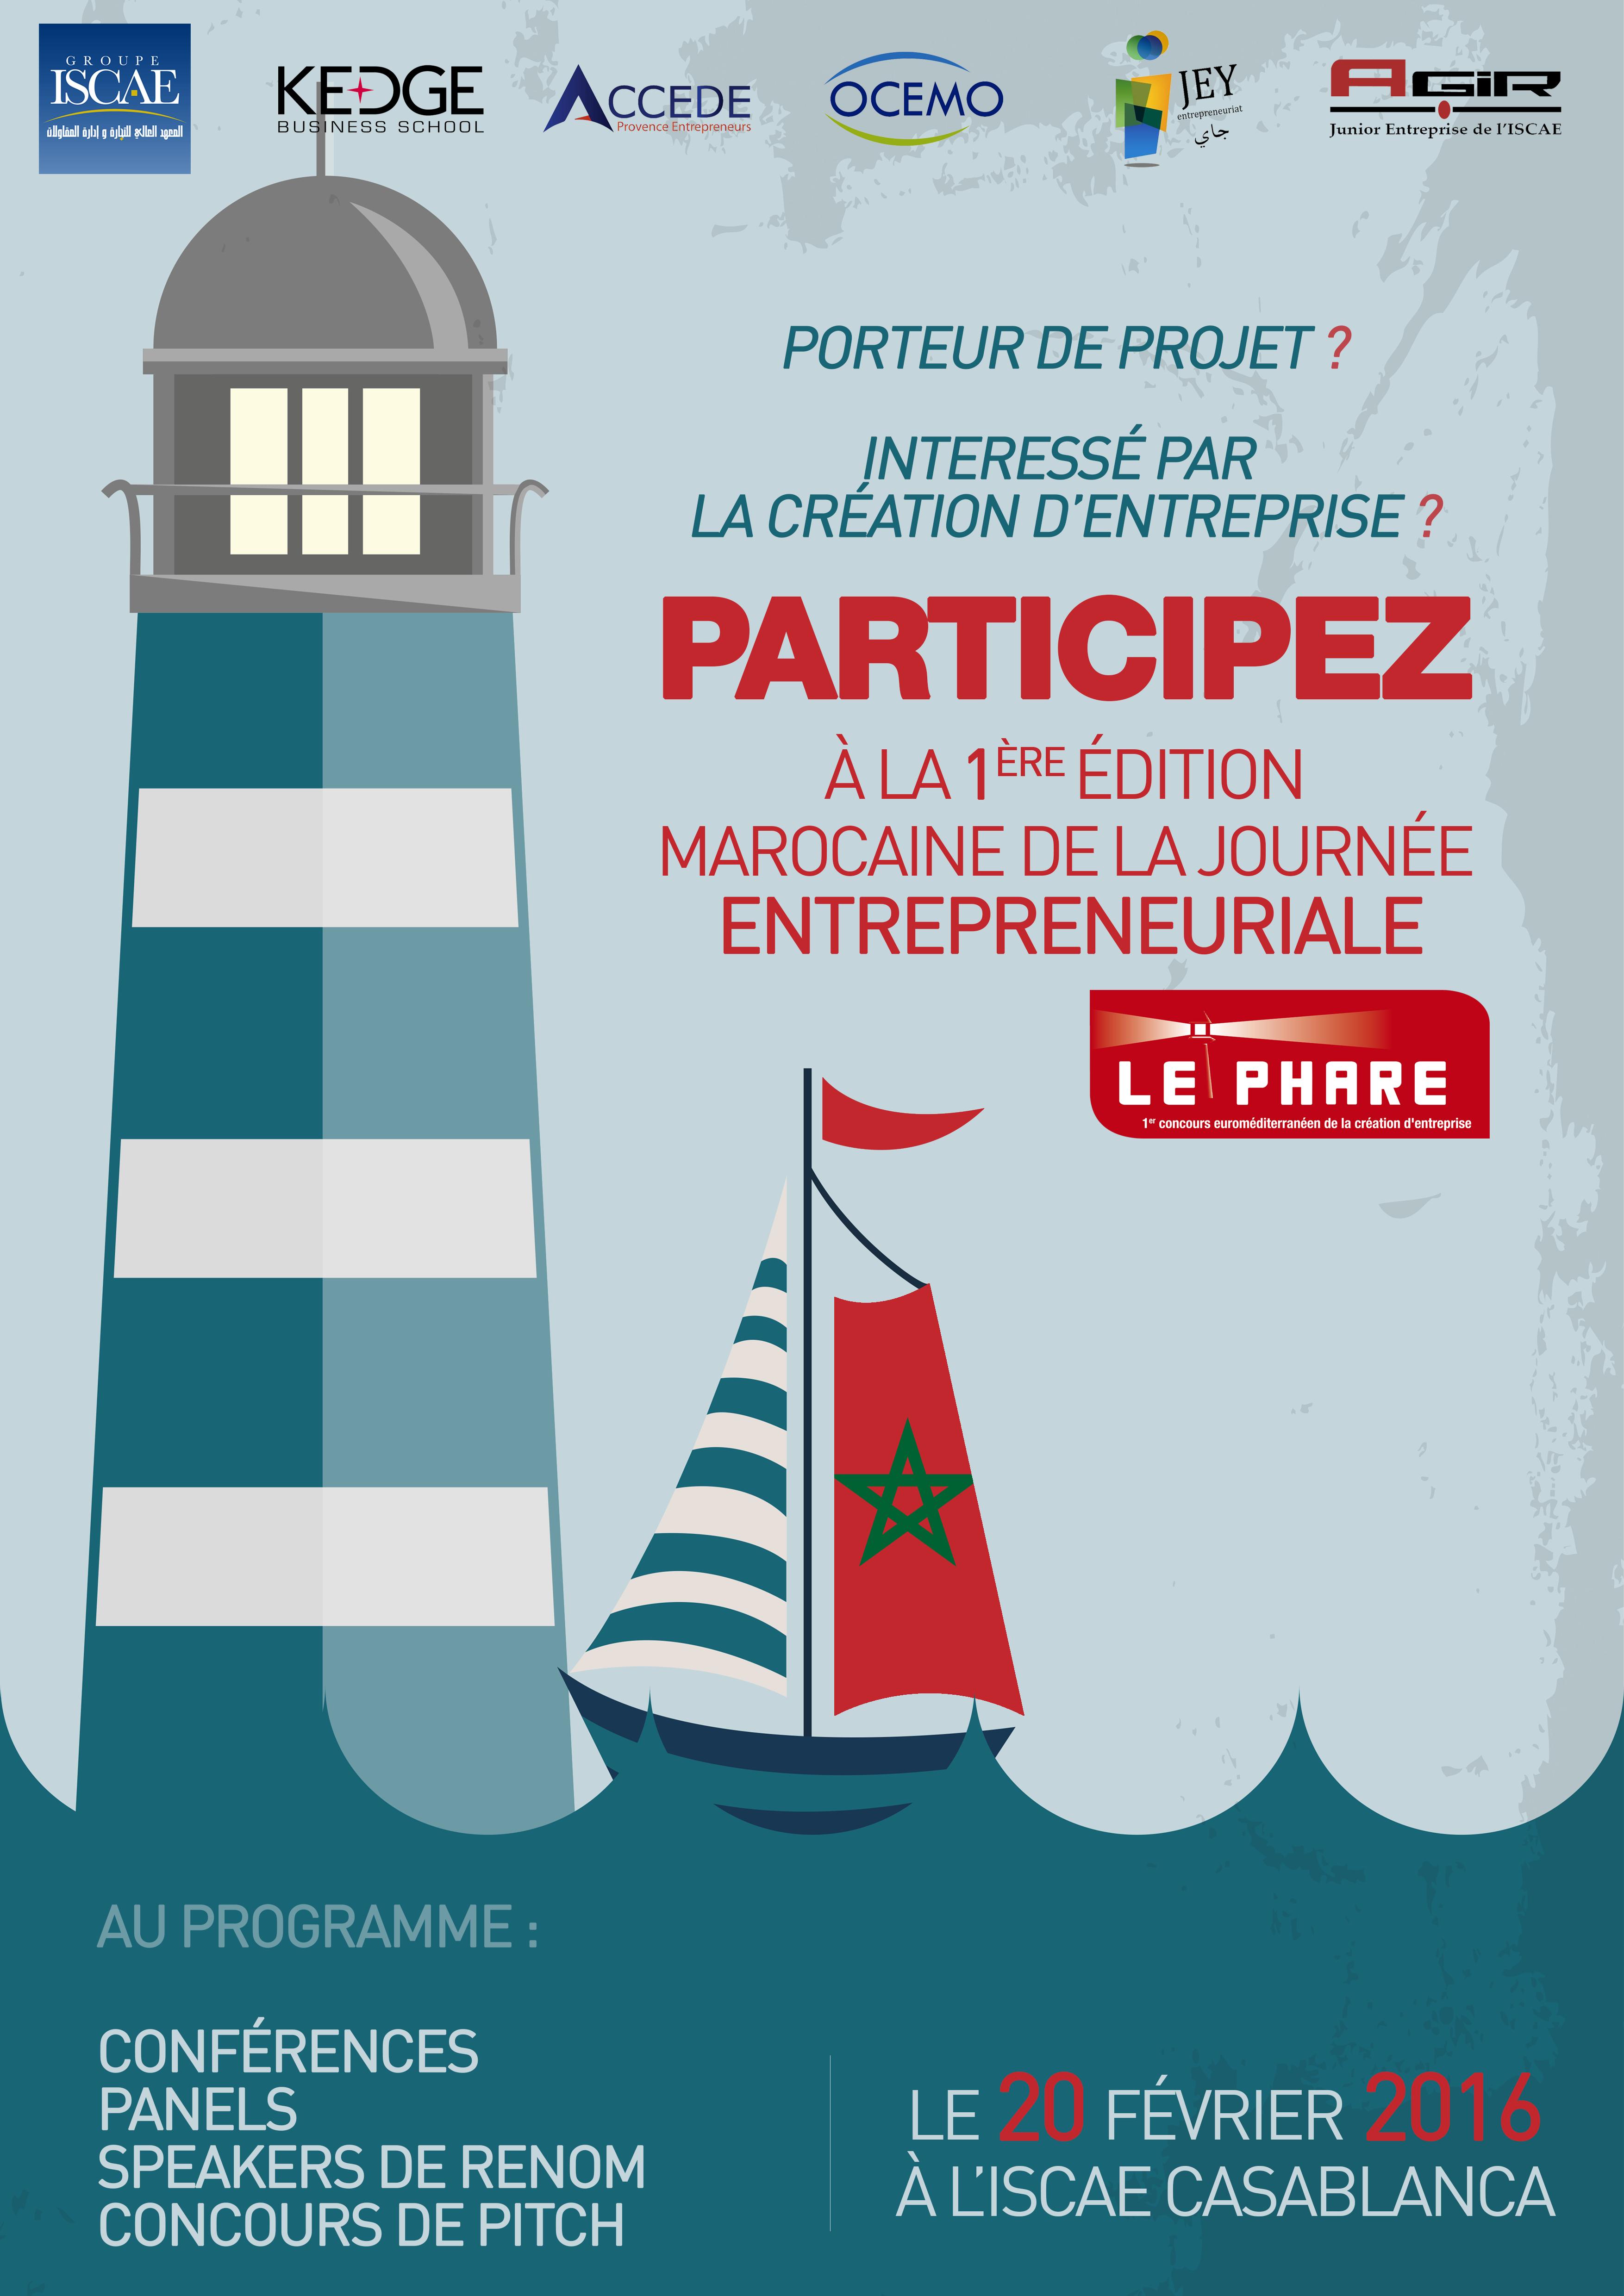 Première édition du concours d'entrepreneuriat Le Phare marocain !